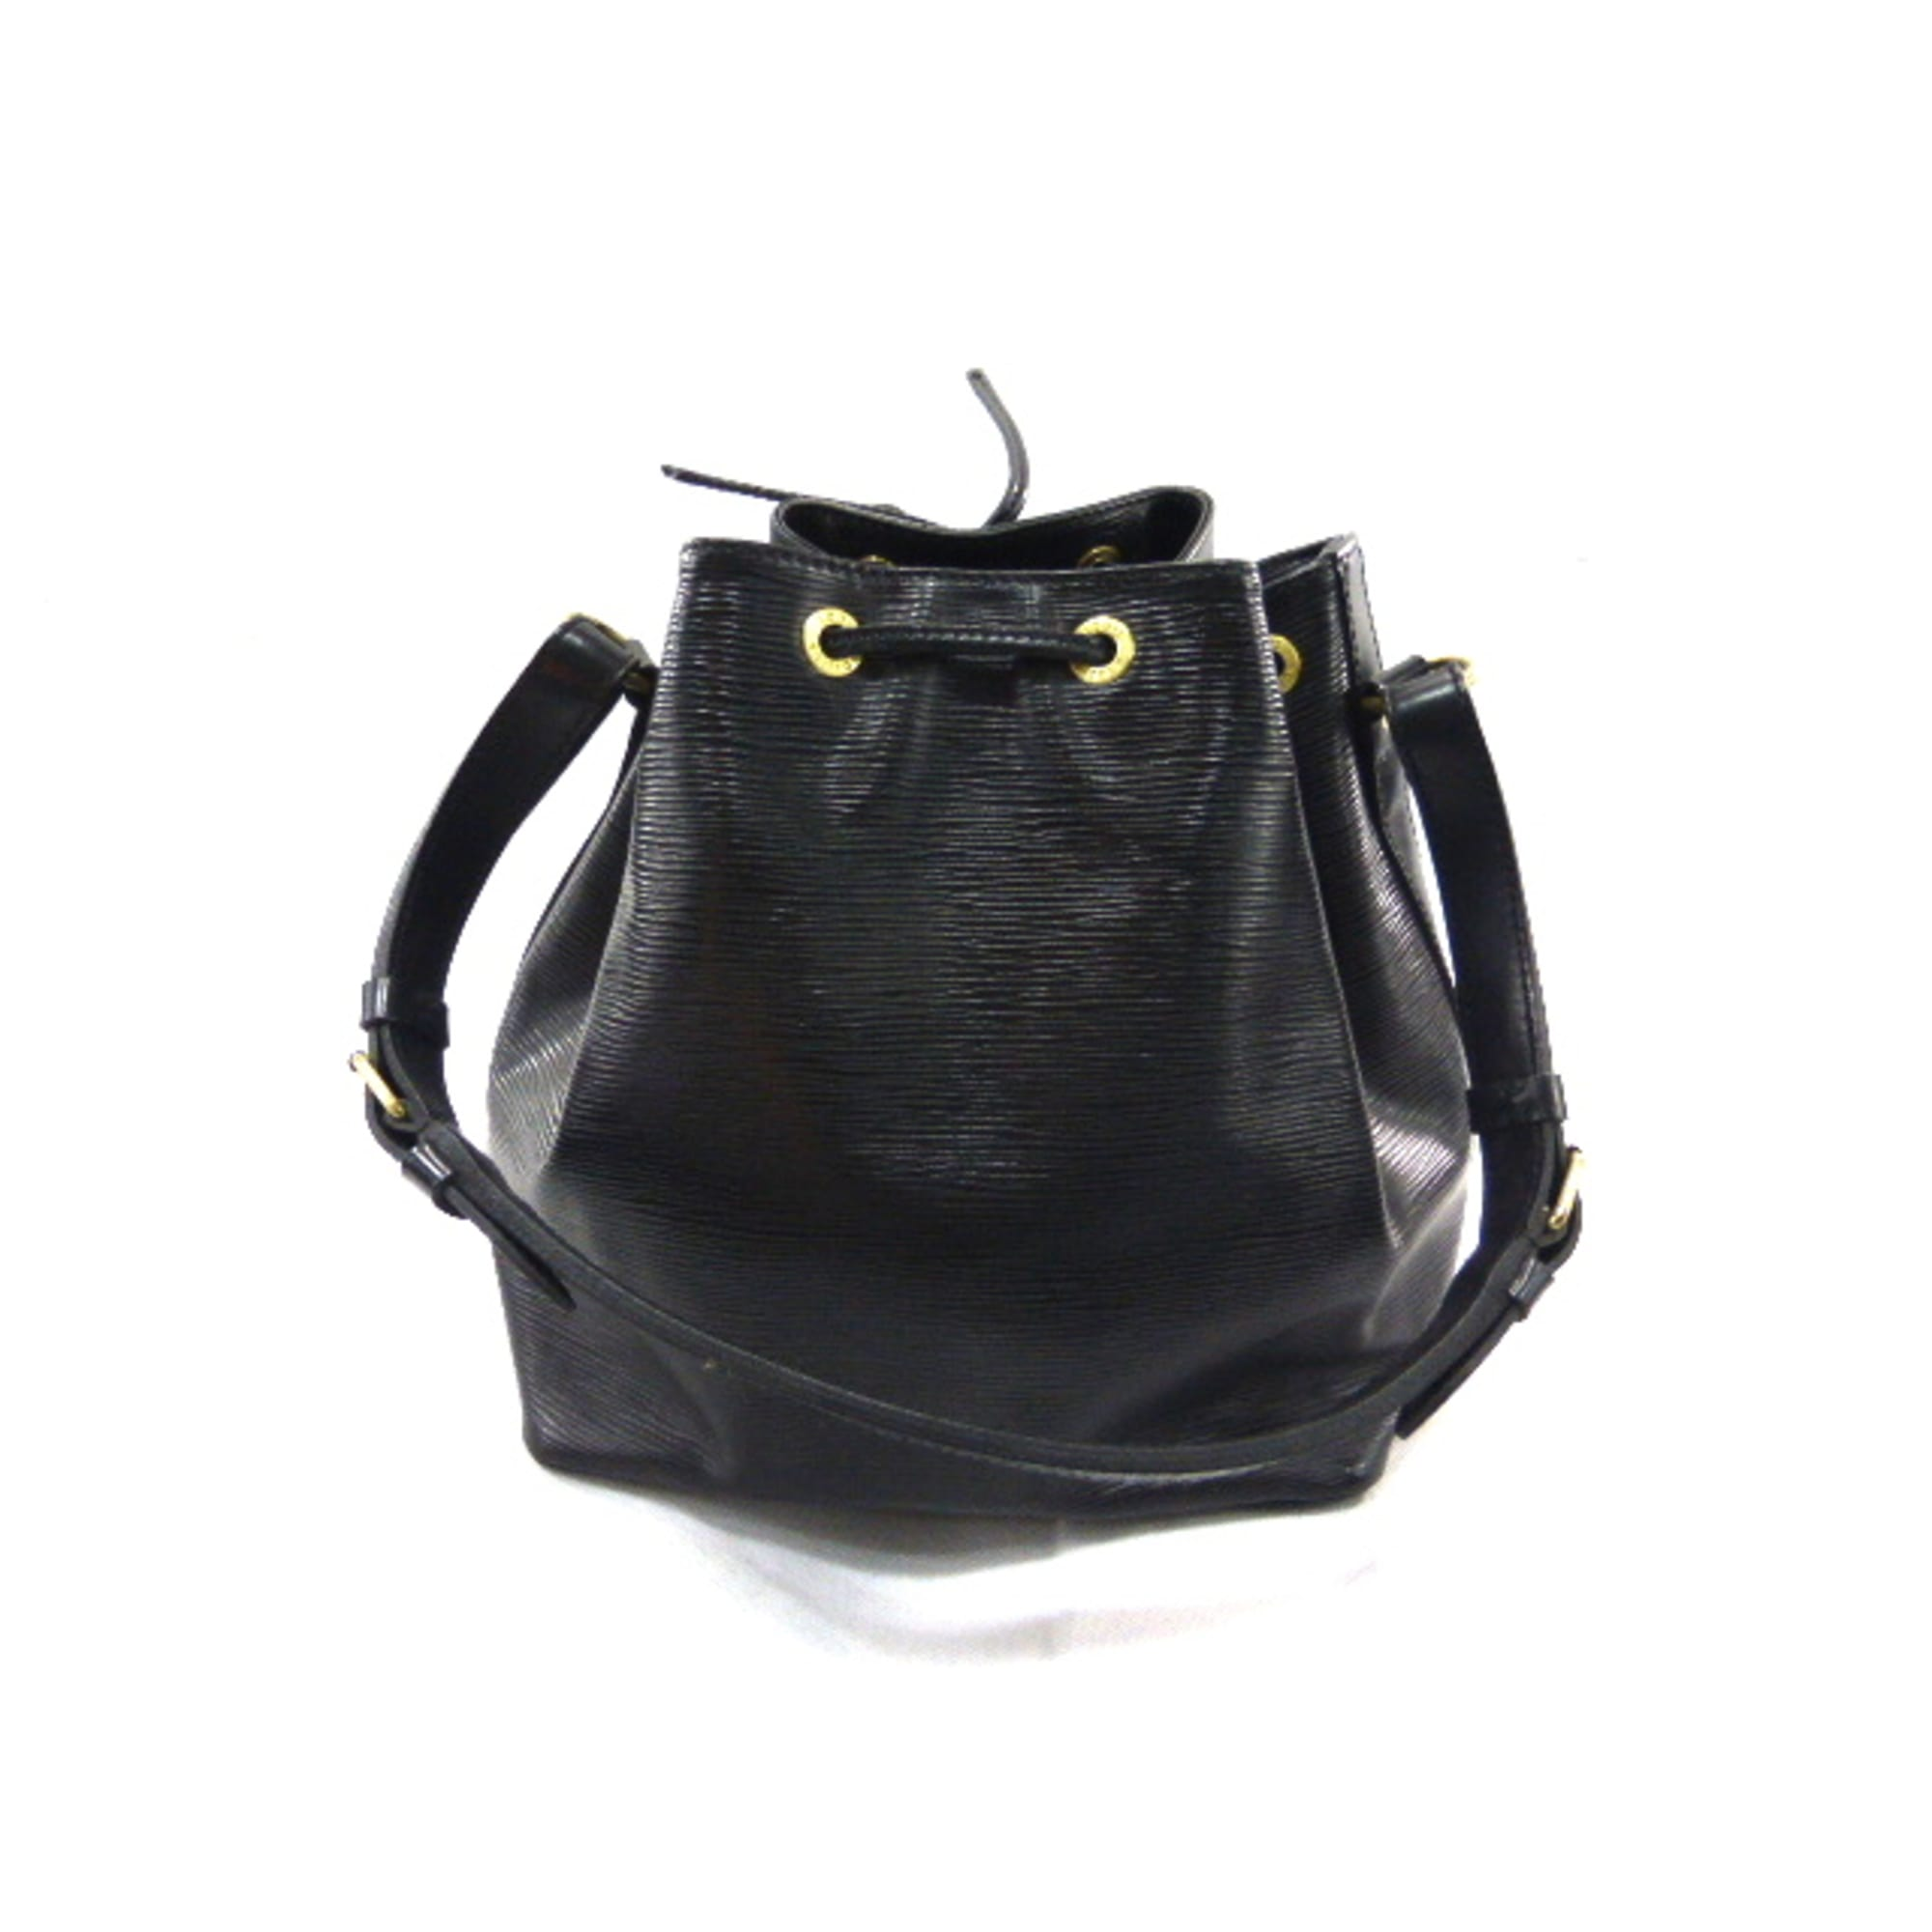 2b38043938f19 Sac en bandoulière en cuir LOUIS VUITTON noir vendu par 1976 estelle ...